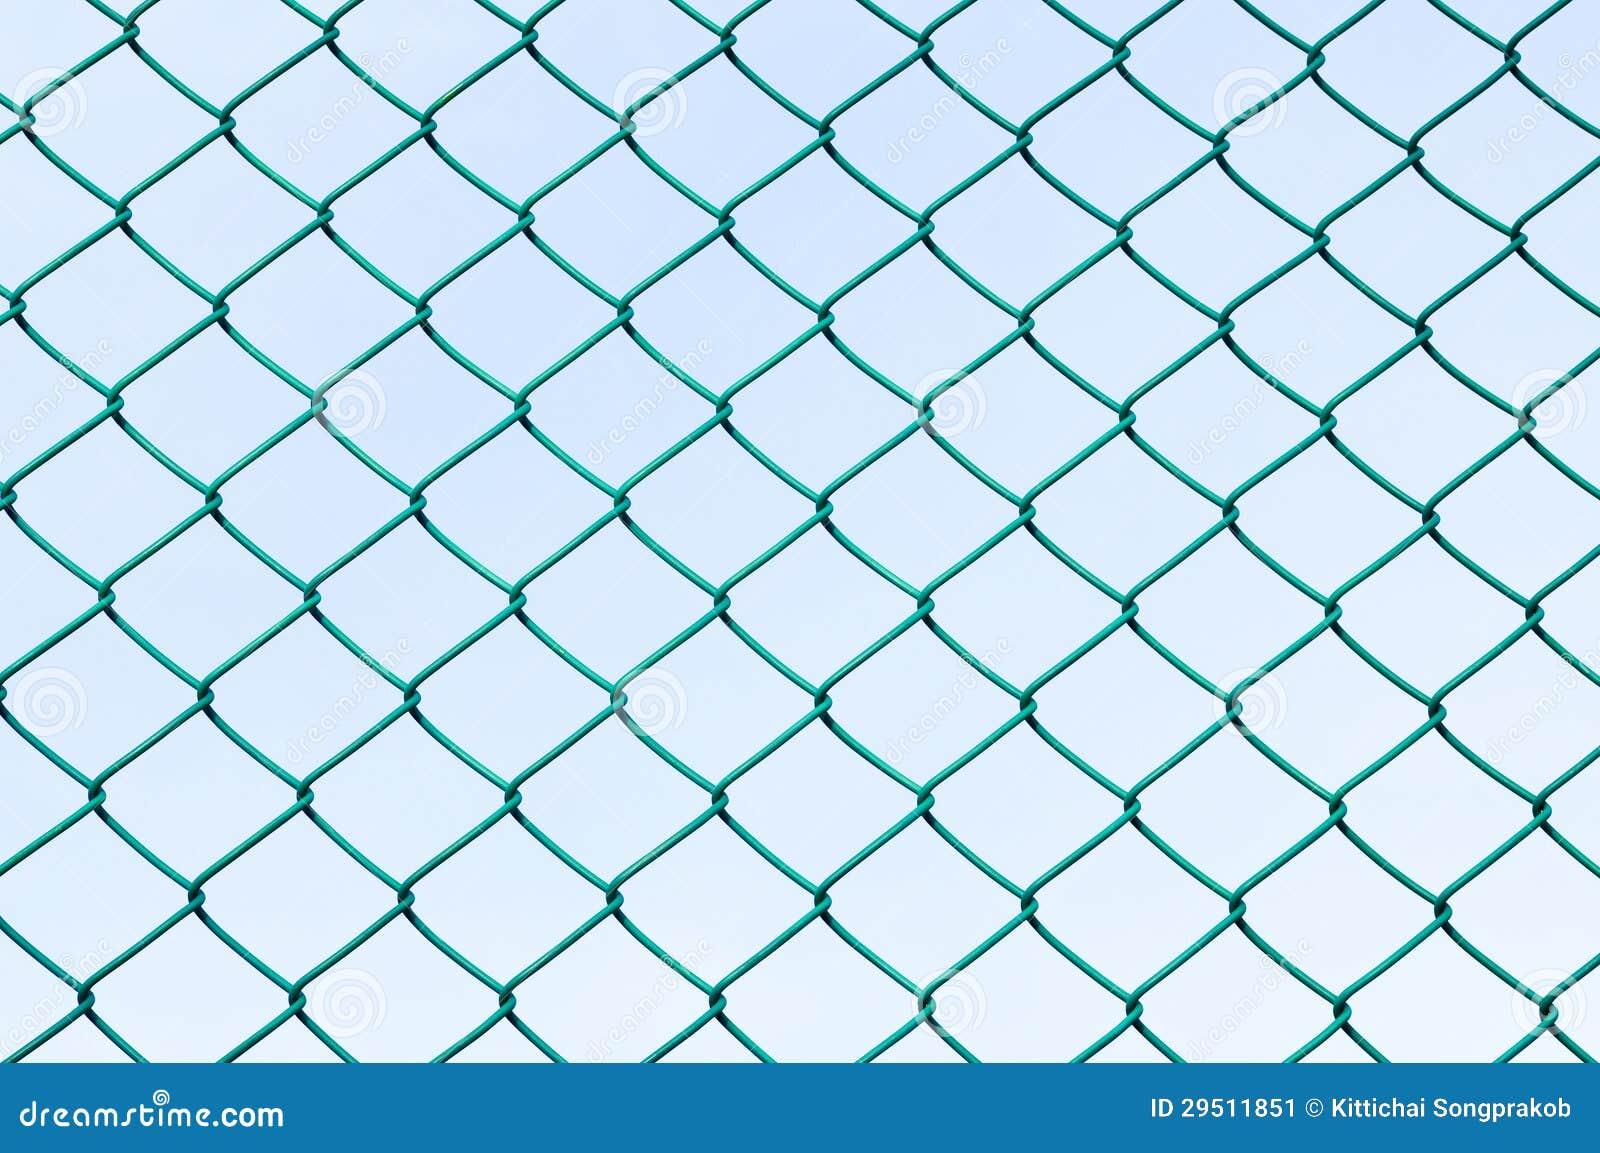 grillage vert image stock image 29511851. Black Bedroom Furniture Sets. Home Design Ideas